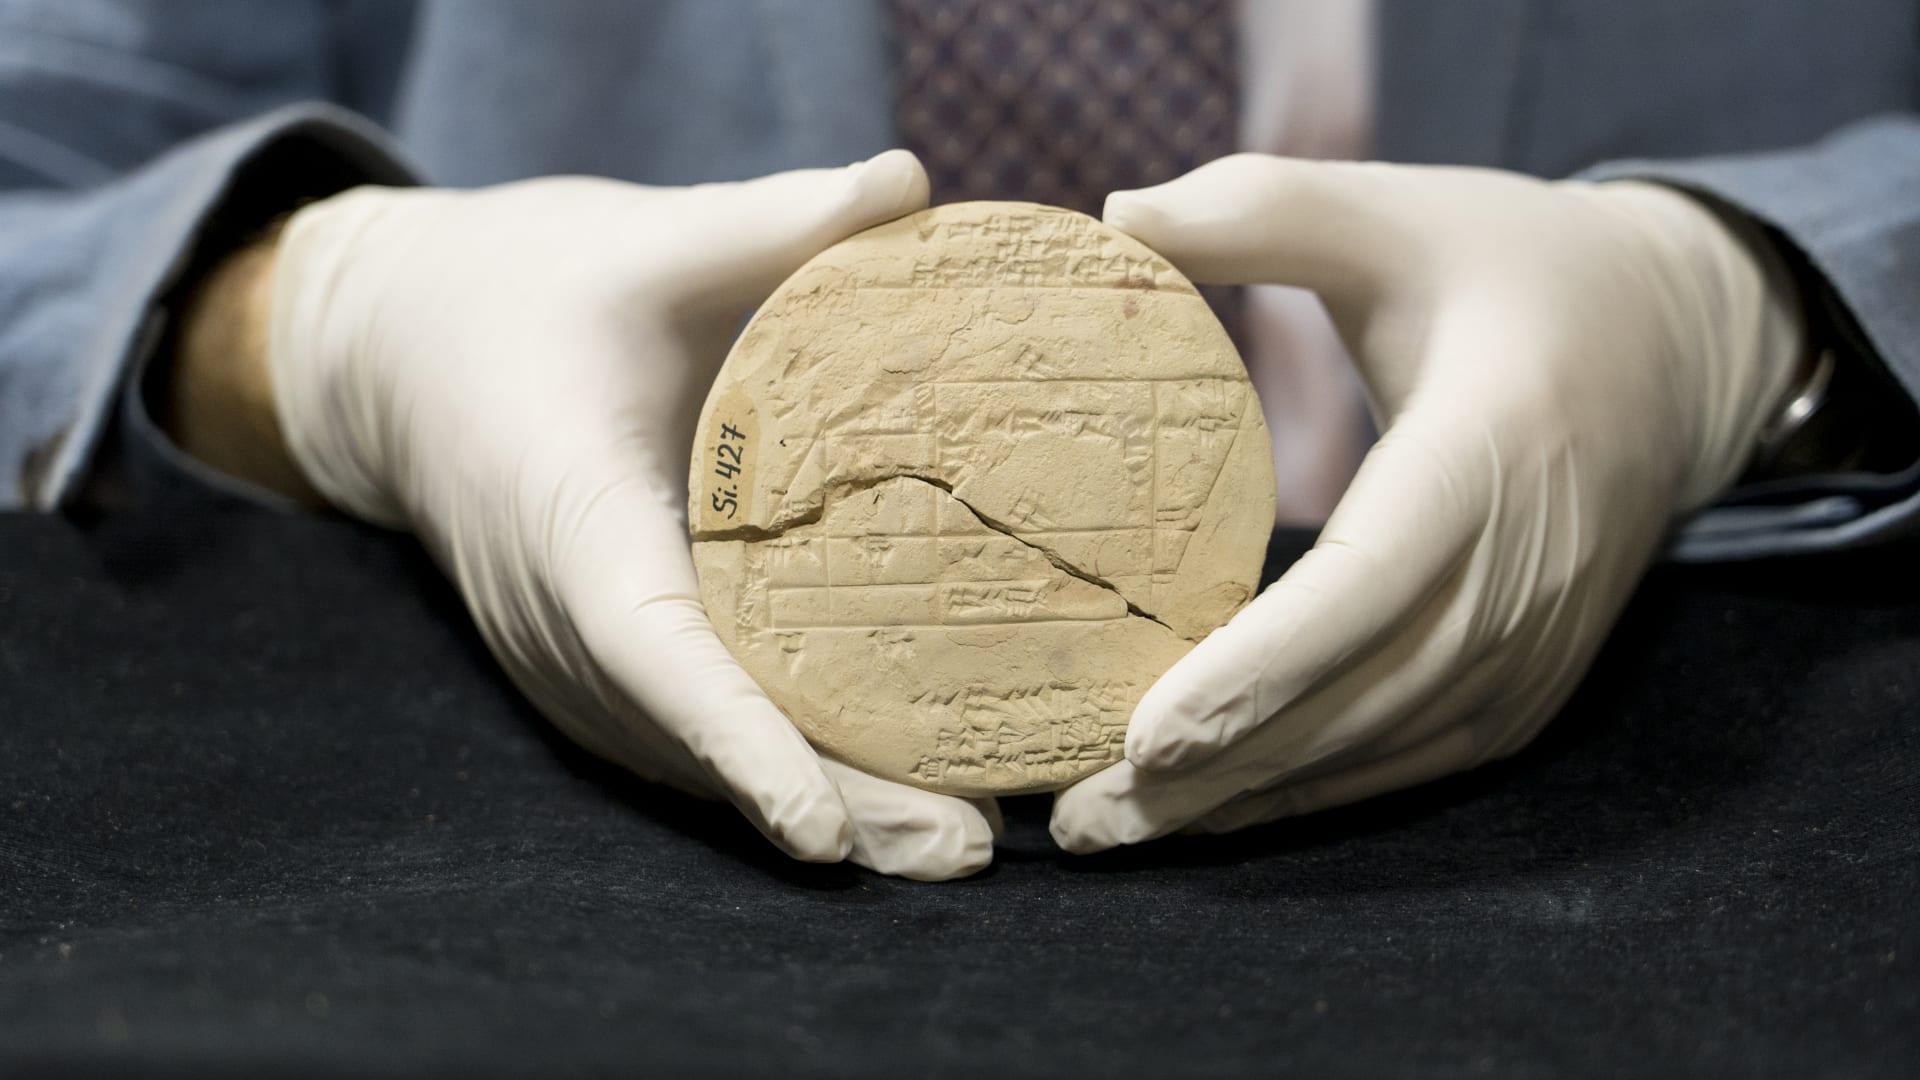 عُثر عليه بالعراق.. الكشف عن أقدم مثال للهندسة التطبيقية بلوح طيني من العصر البابلي